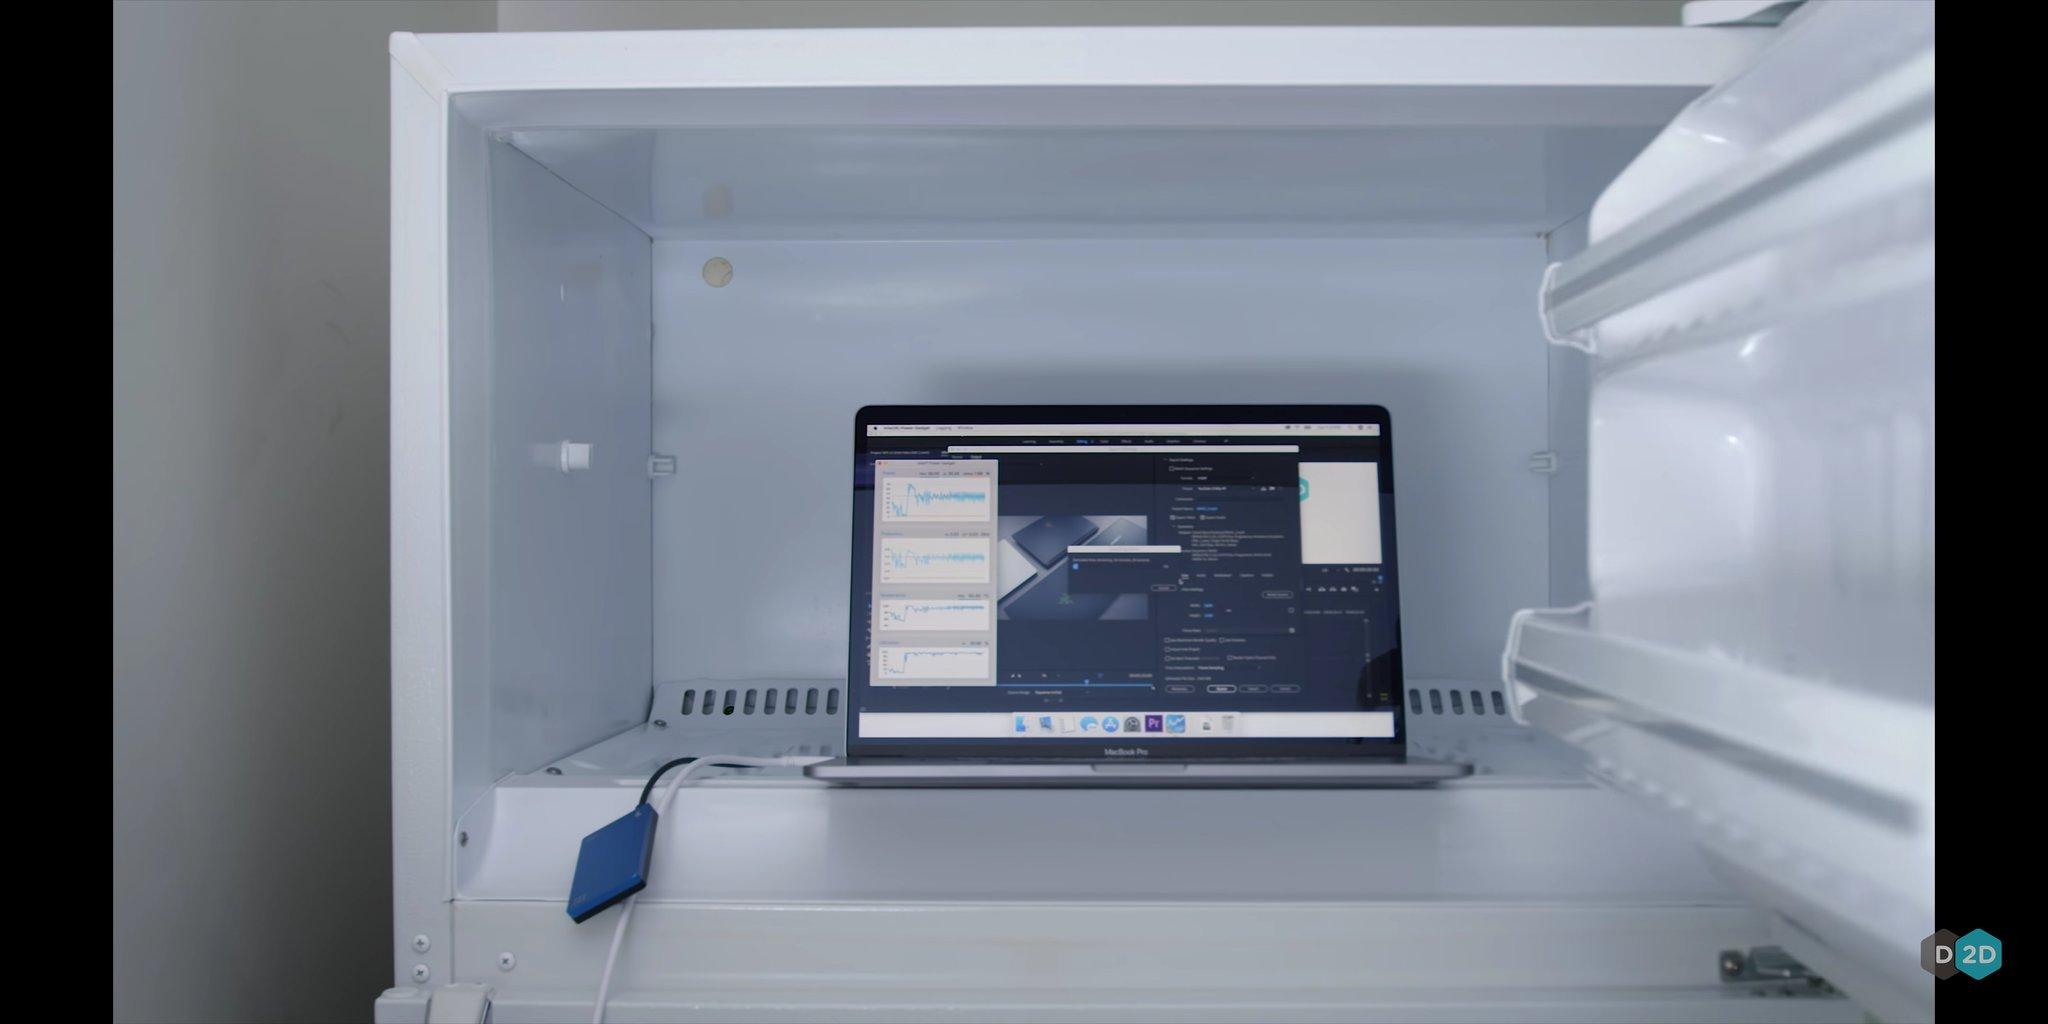 مک بوک پرو i9 جدید لپتاپ خوبی است اما وقتی درون فریز باشد!